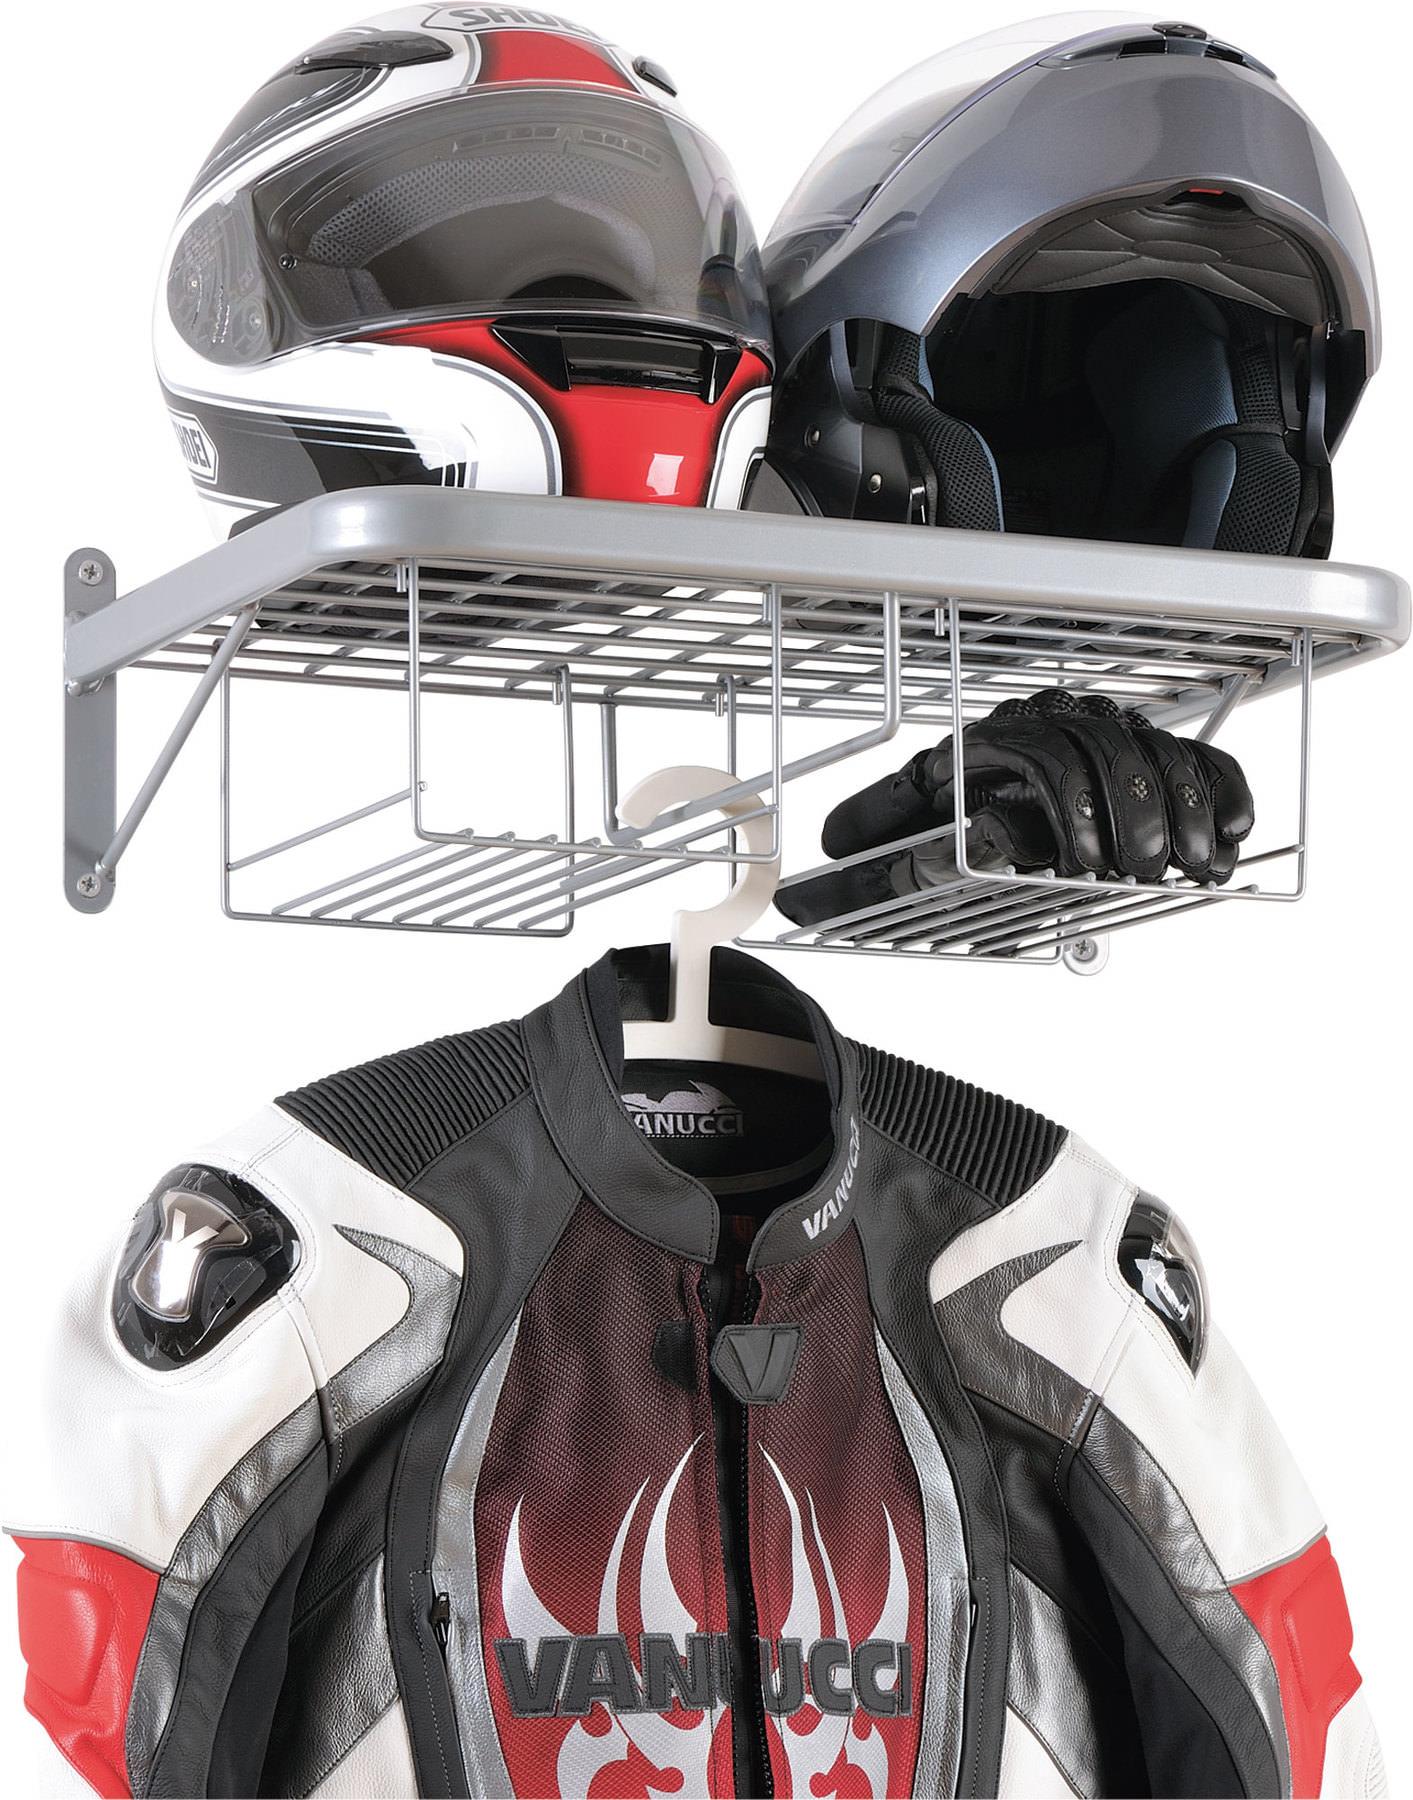 Étagère double vestiaire pour motard avec rangement pour gants Louis